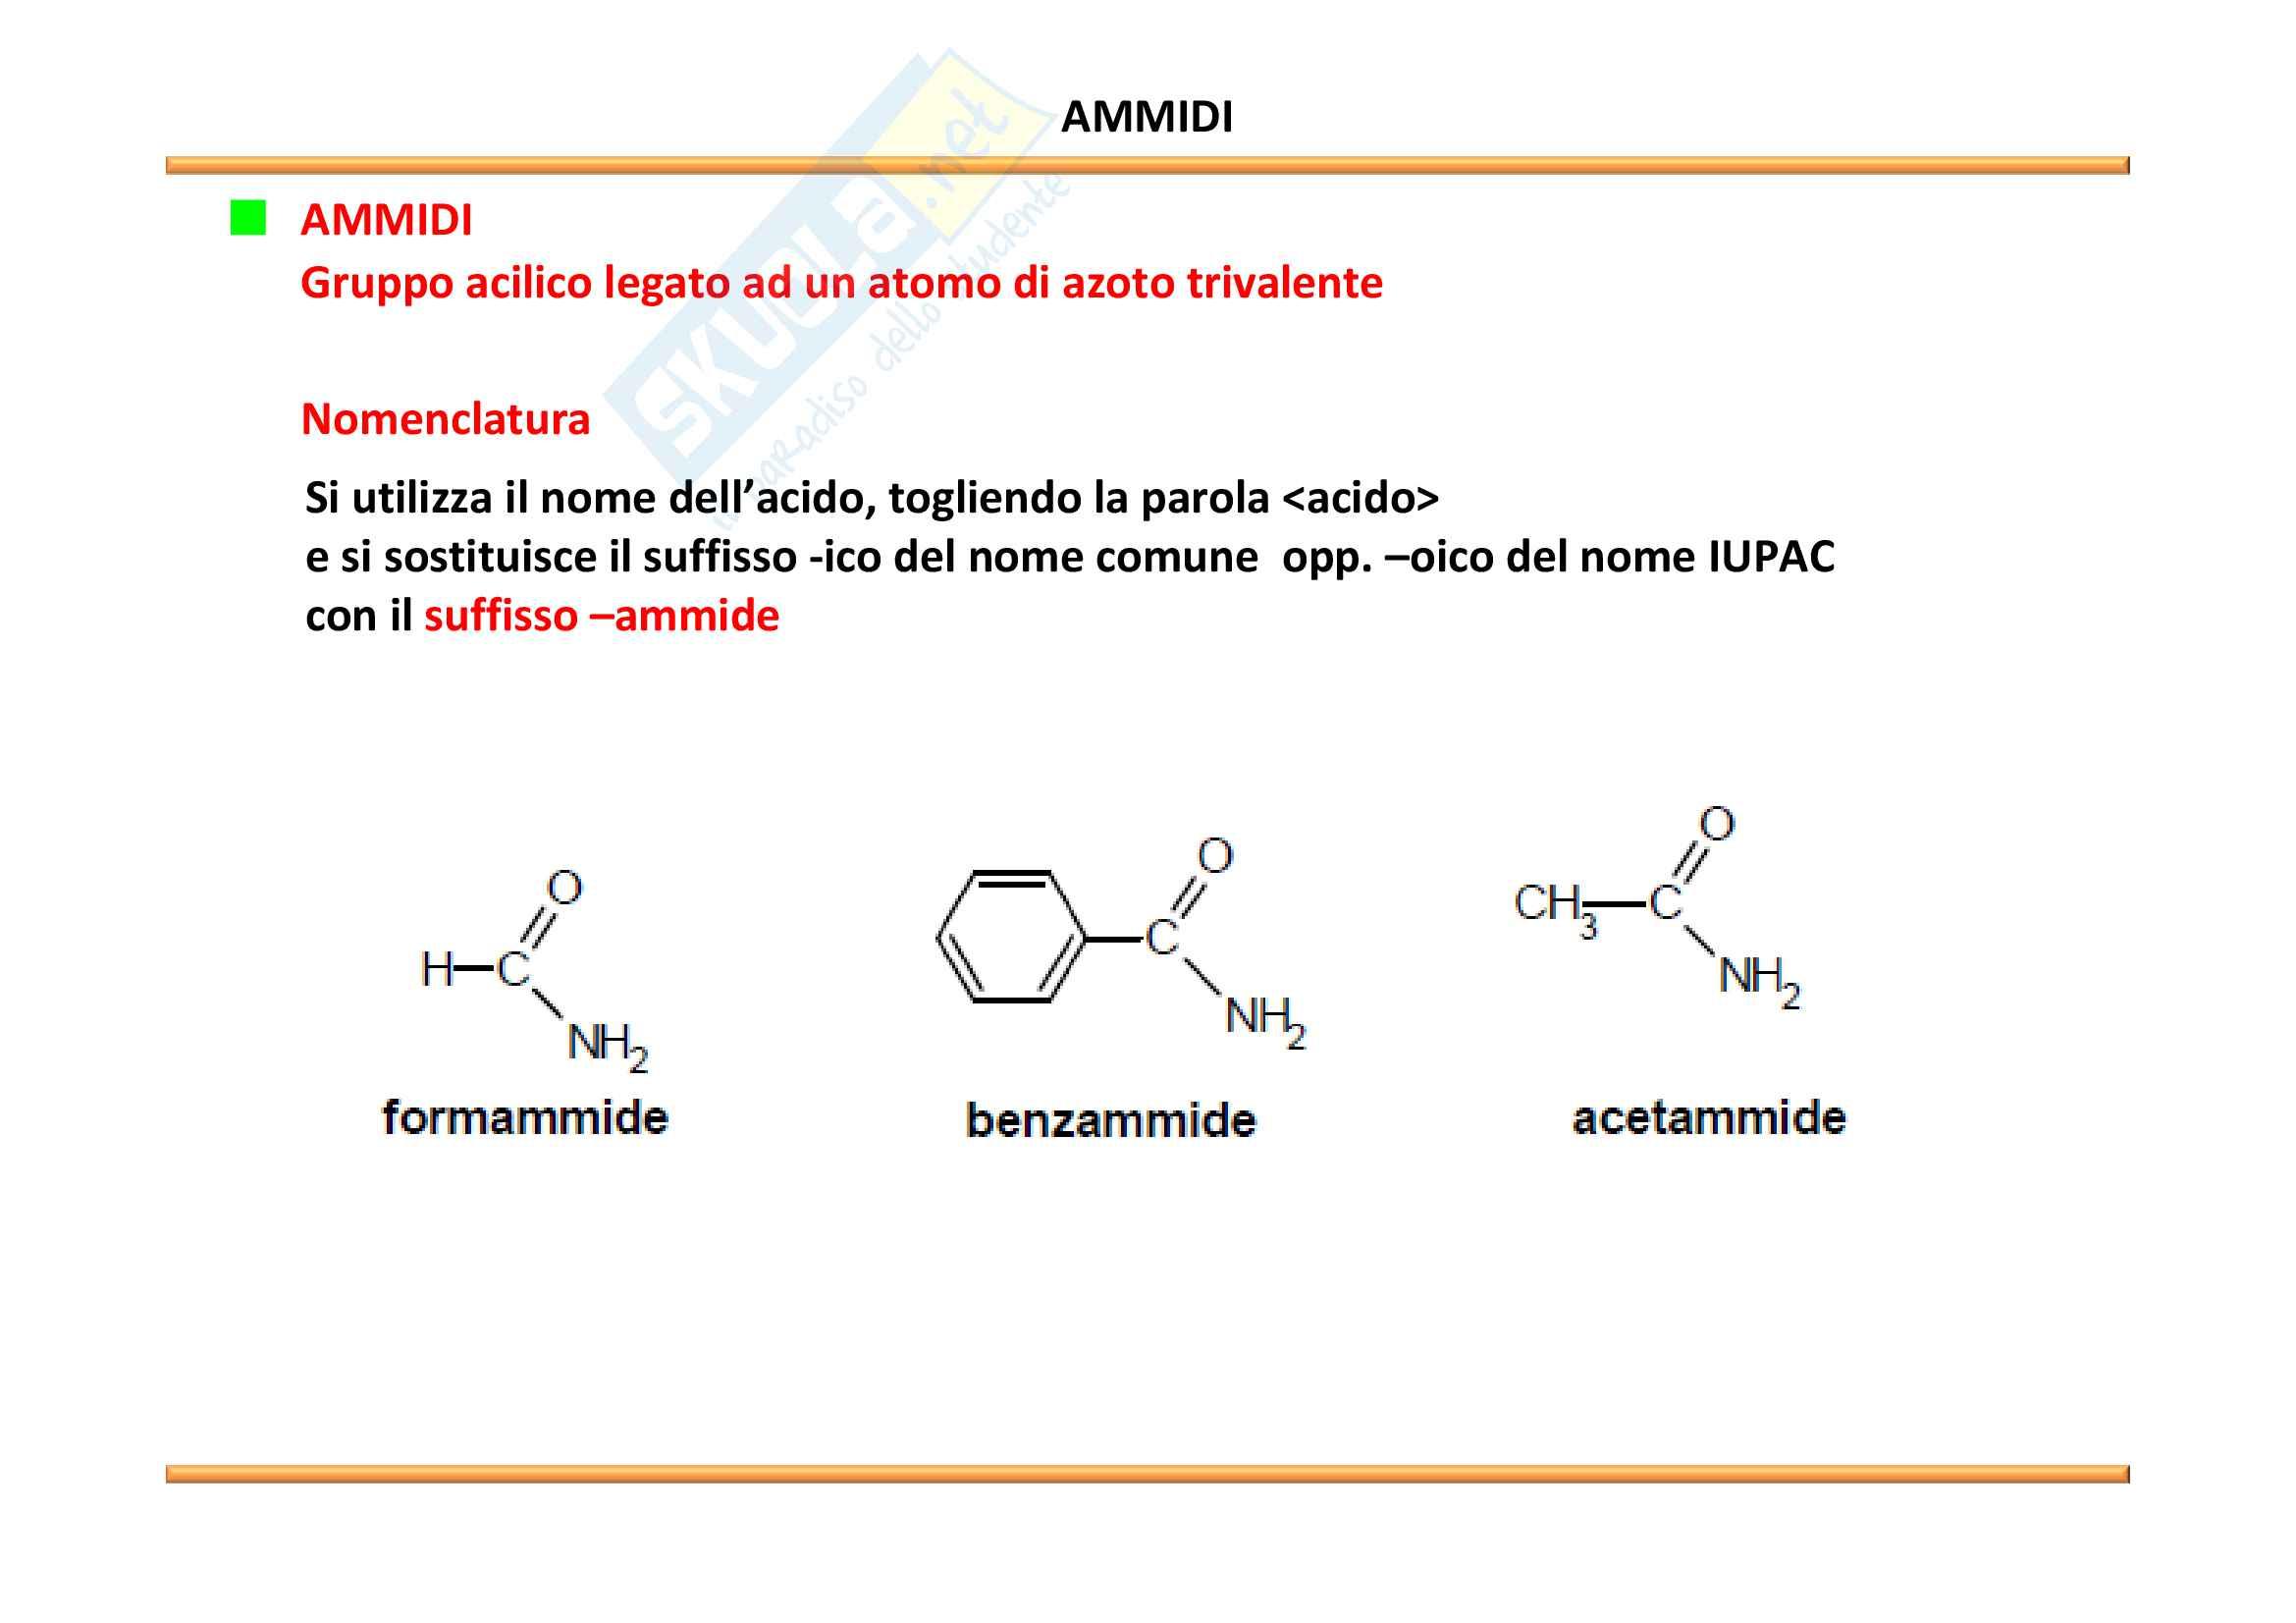 Chimica Organica: Acidi carbossilici e derivati Pag. 21